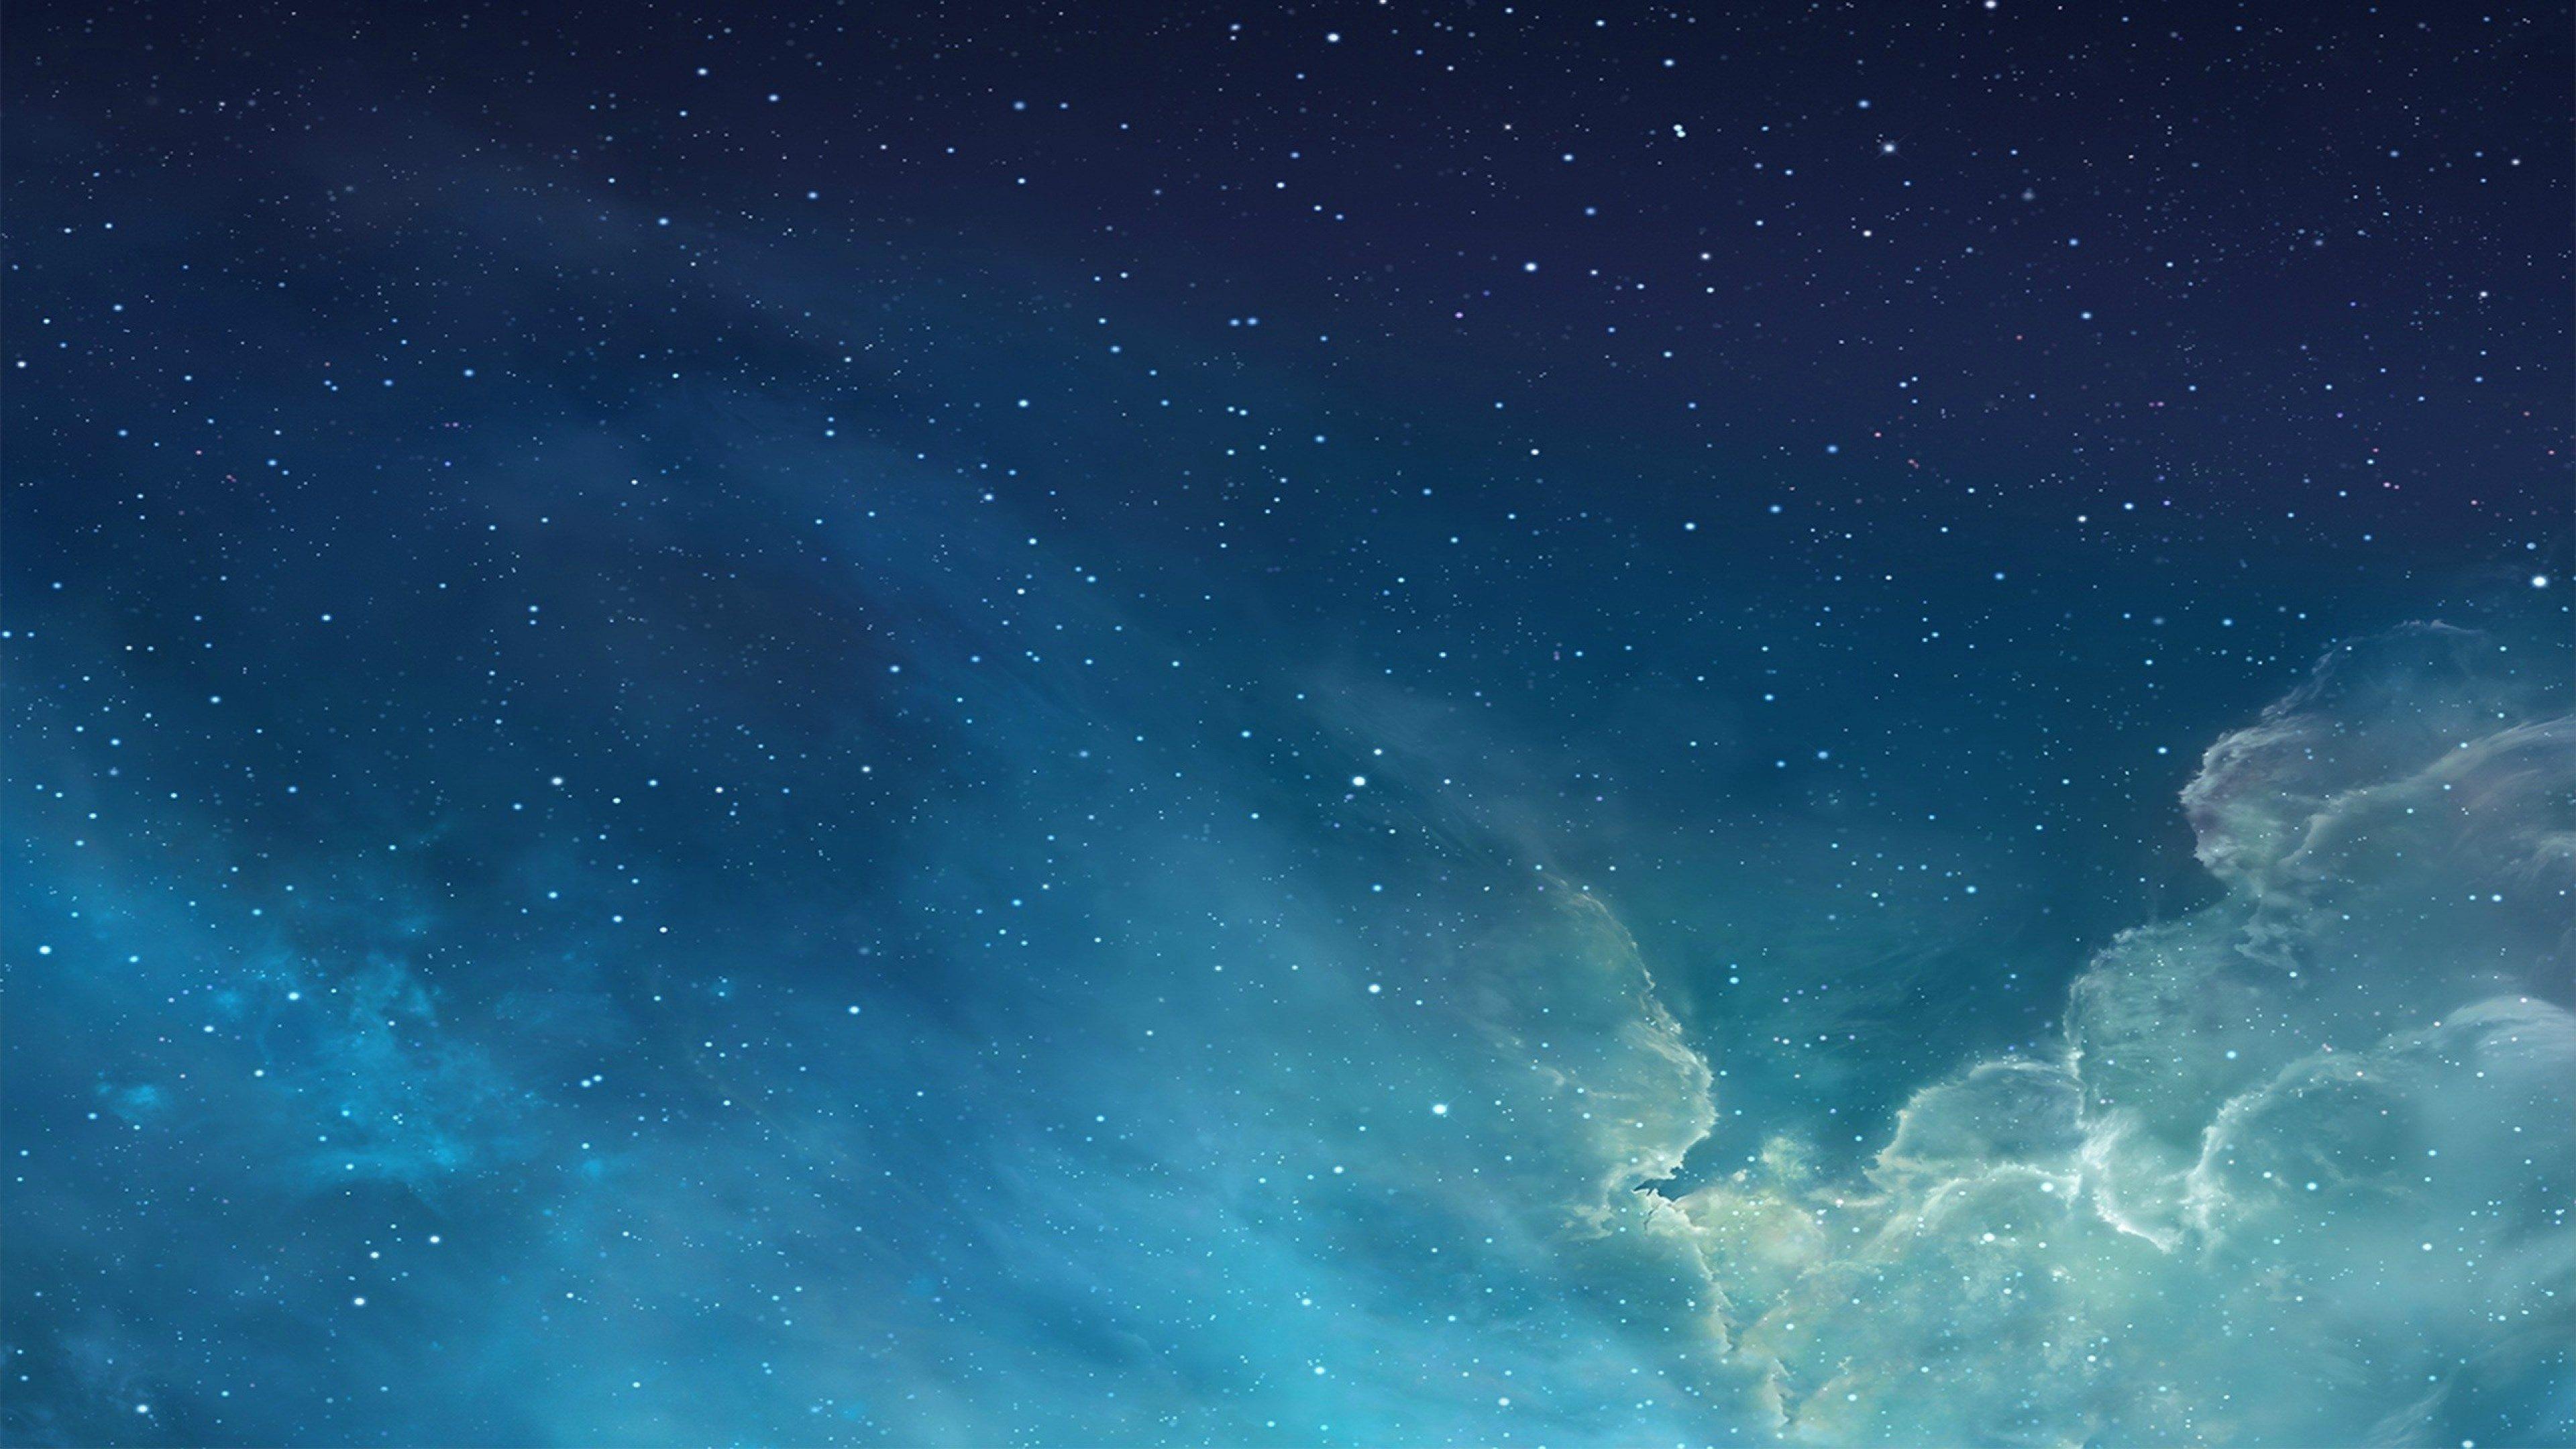 3840x2160 apple 4k ultra hd desktop wallpaper in 2019 Galaxy 3840x2160